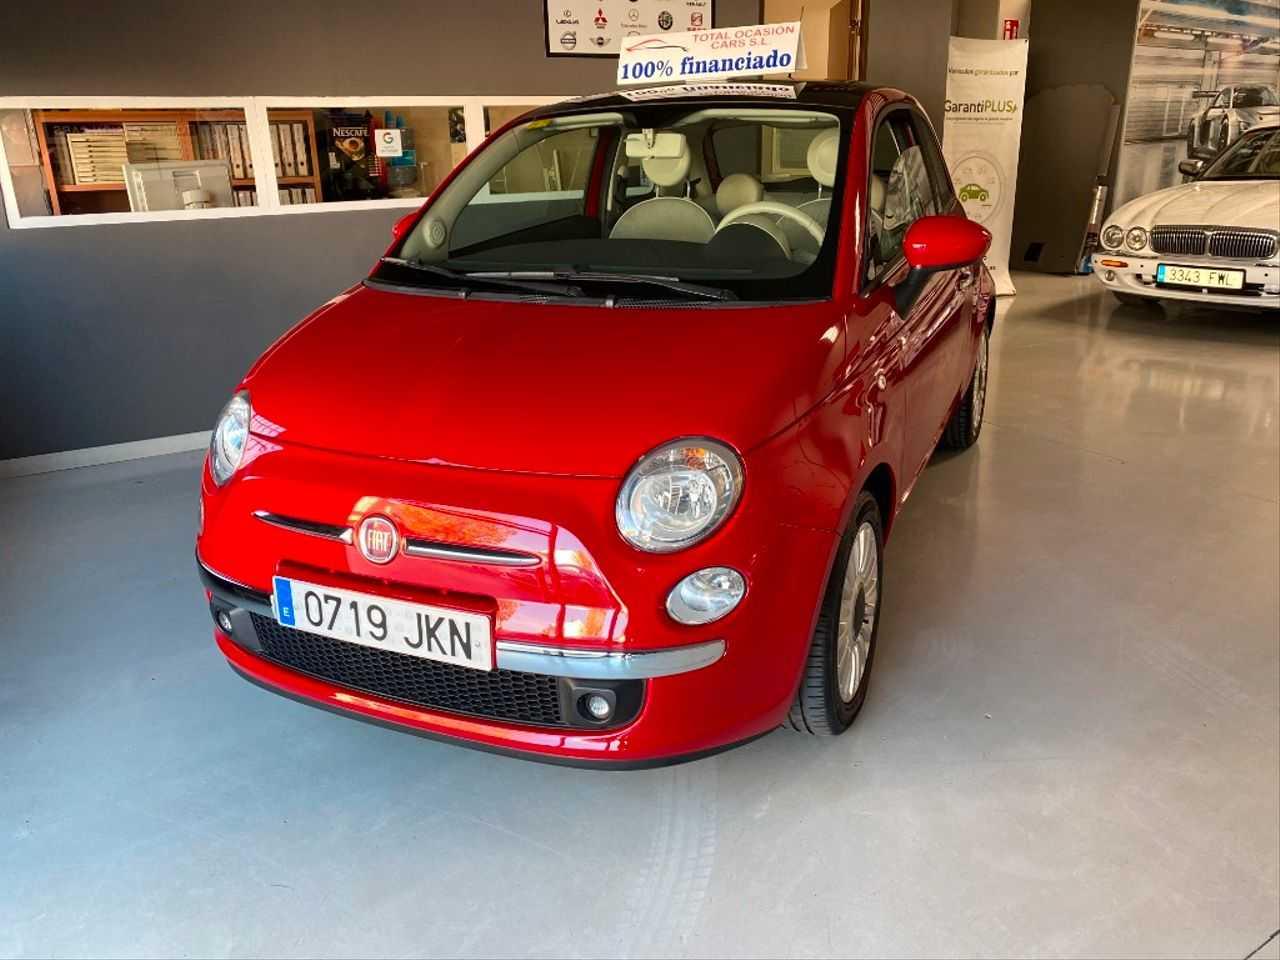 Fiat 500 FIAT 500 1.2   - Foto 1